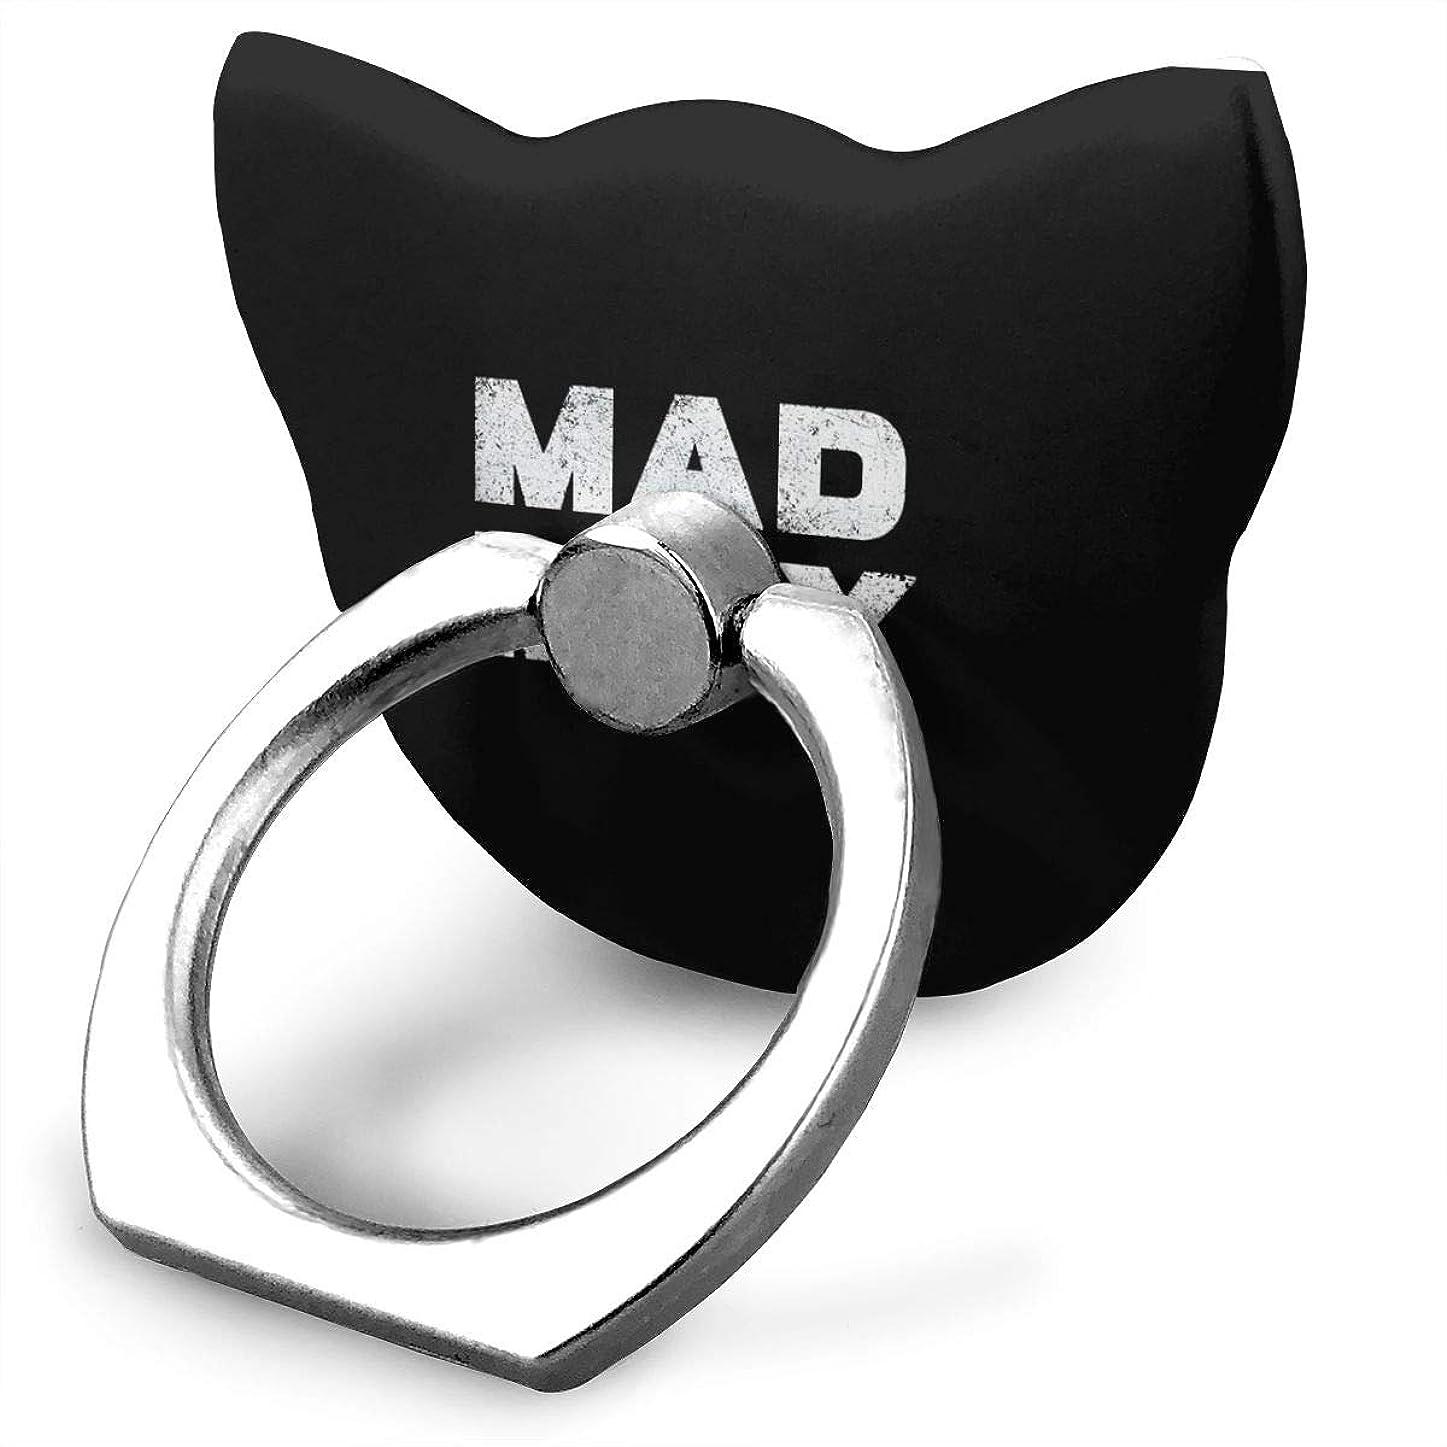 インカ帝国香港封筒マッドマックス 怒りのデス ロード スマホリング 猫耳 薄型 ネコ型 スマホ りんぐ ホルダー 強吸着力 落下防止 携帯リング 360° 角度調整 IPhone/Android各種他対応